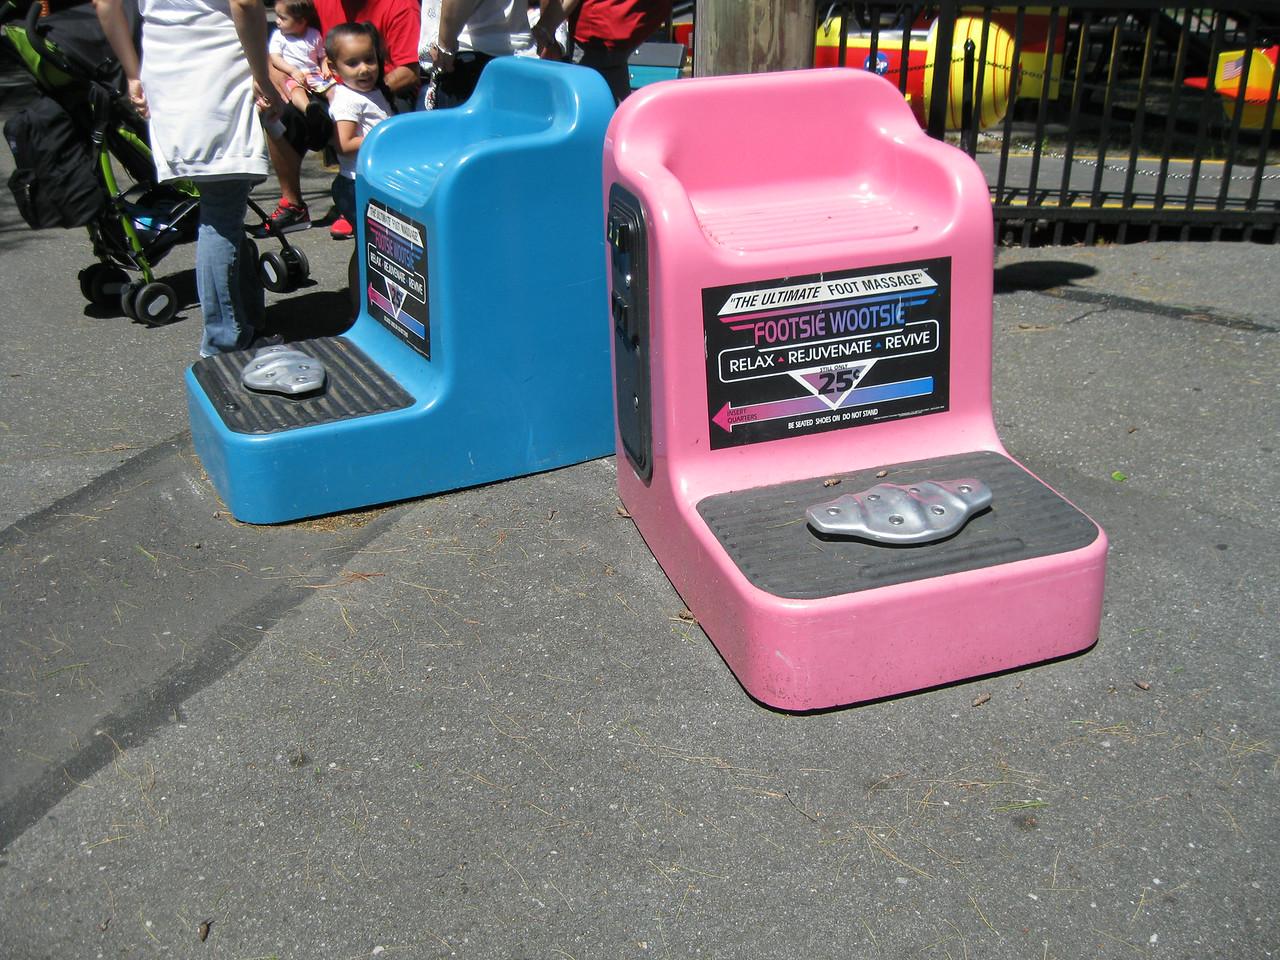 Footsie Wootsie machines in kiddie land.